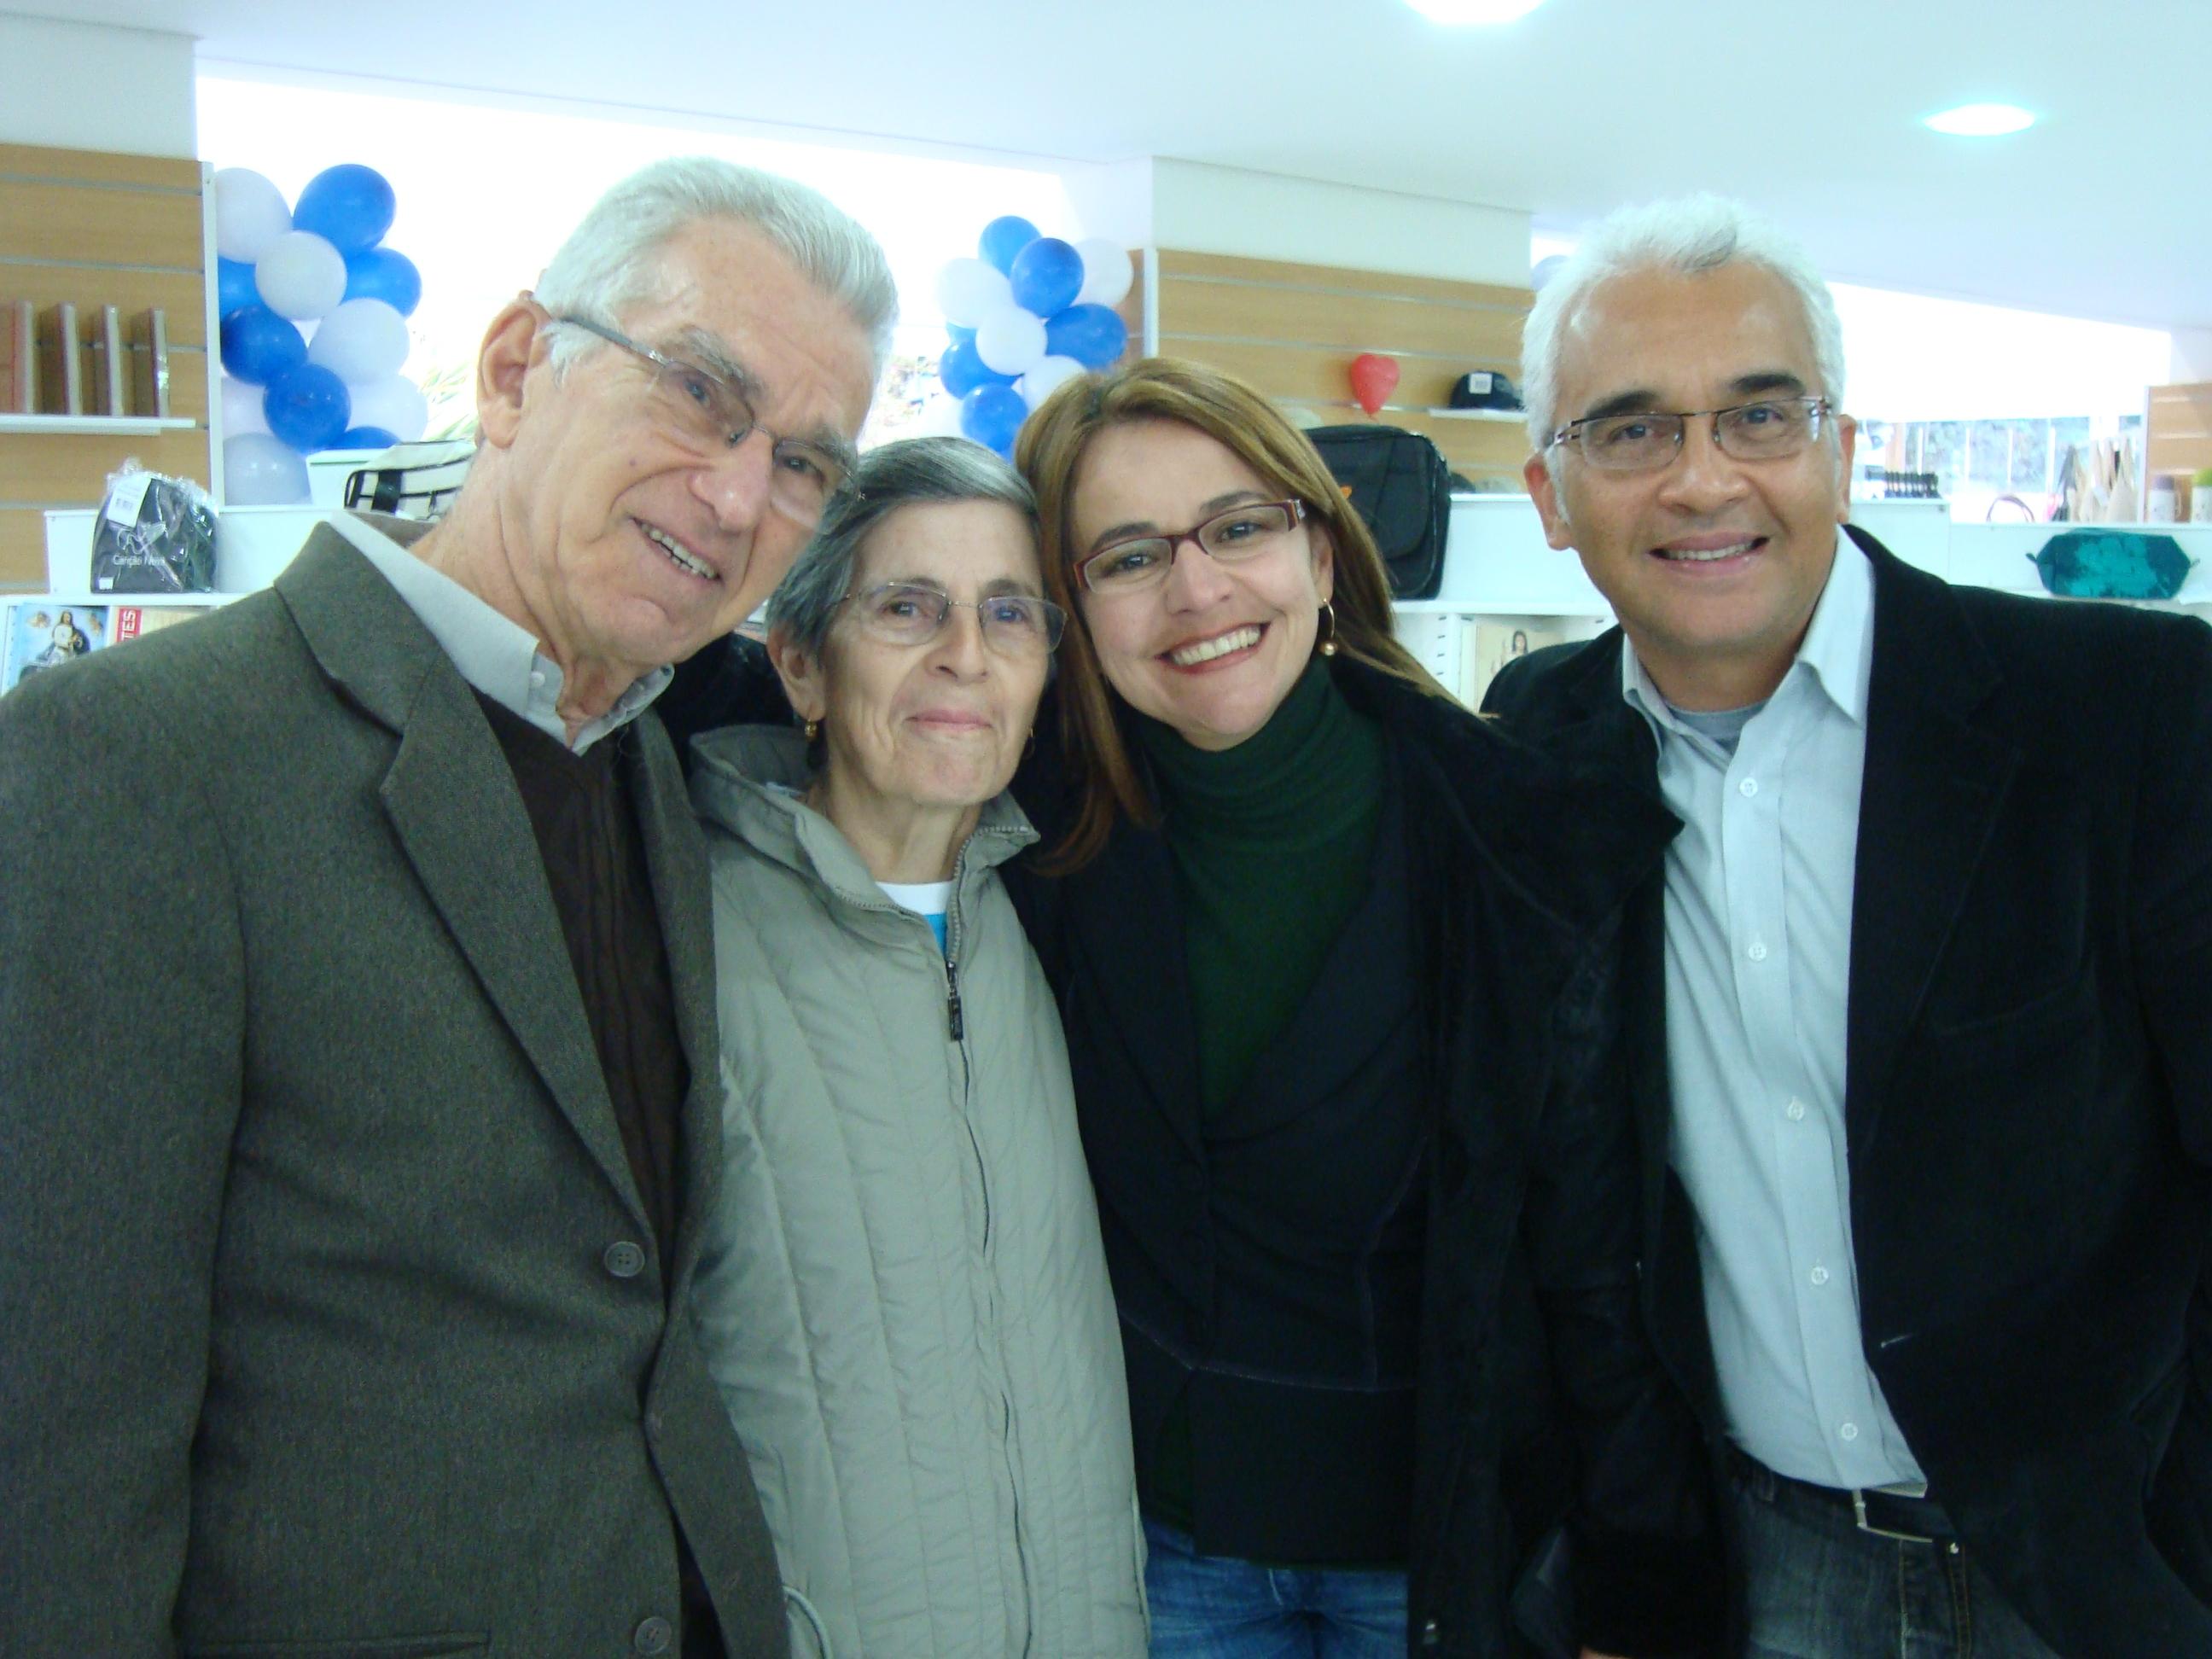 sr.Armando, dona Aparecida Zamaia, eu e o Rico na nova Loja Canção Nova em Londrina PR! Saudades!!!